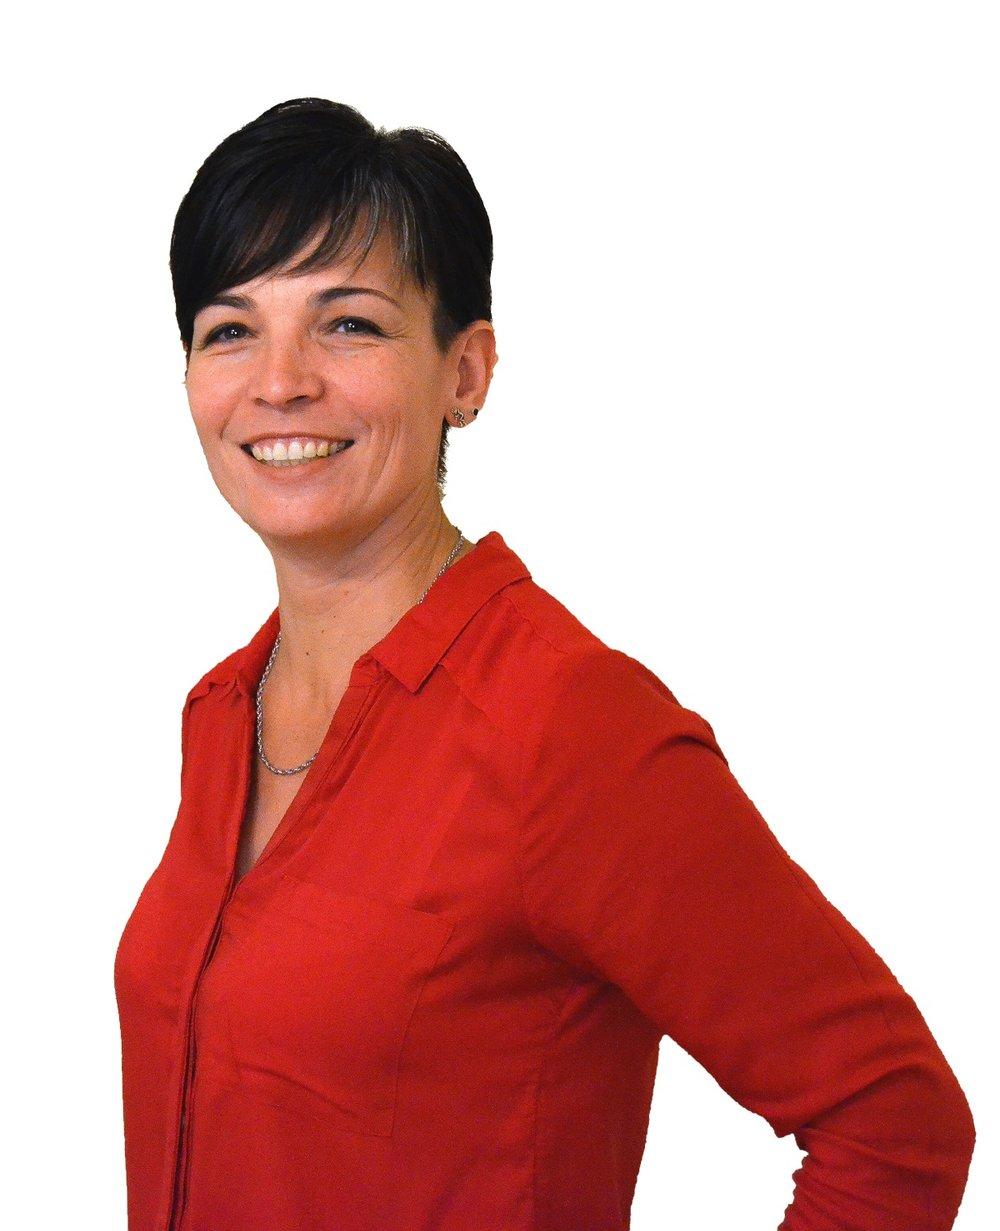 Sonja+Krimbacher-Strobel+Heilpraktikerin